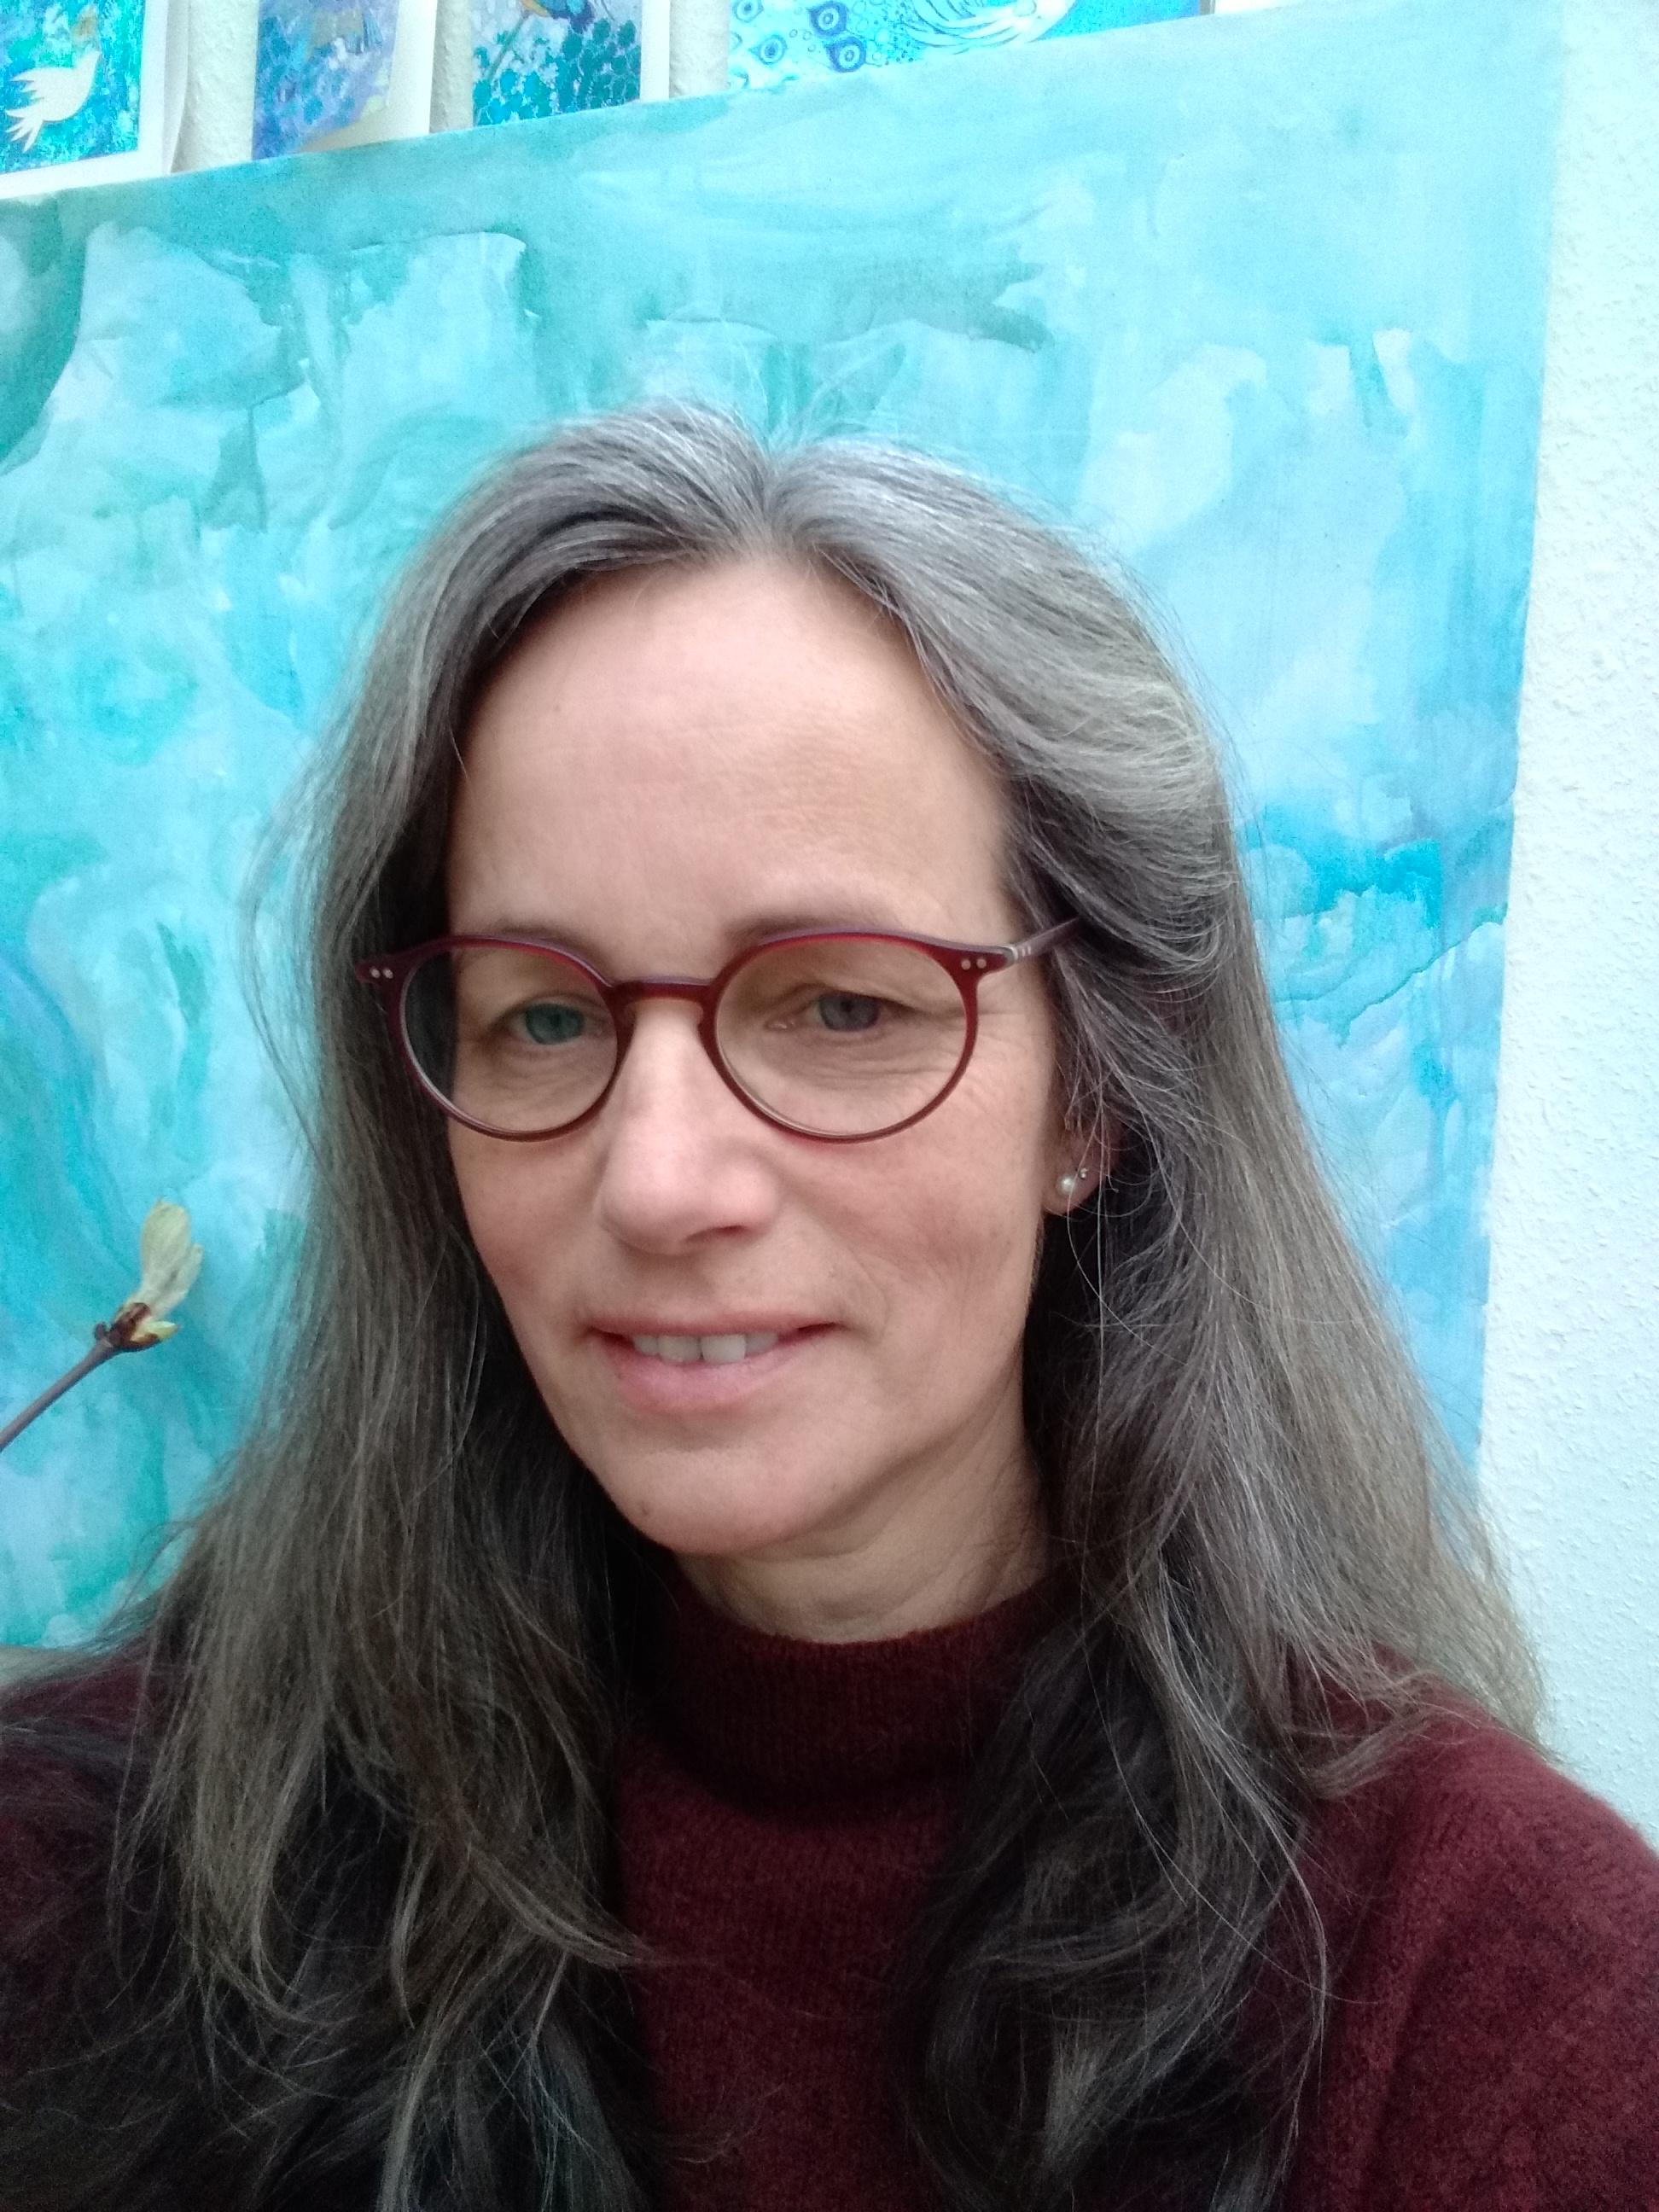 Jacqueline Mindfulness